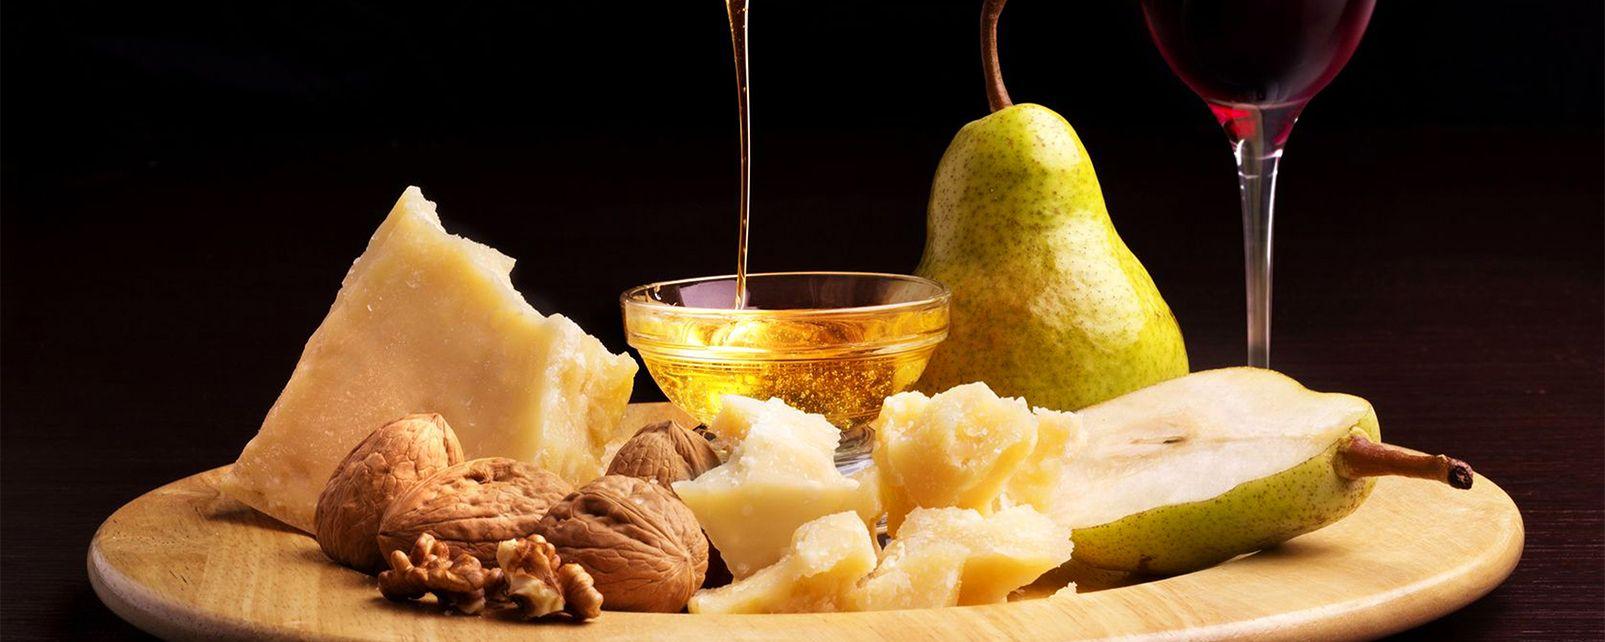 Venetian cheeses , Grana Padano , Italy